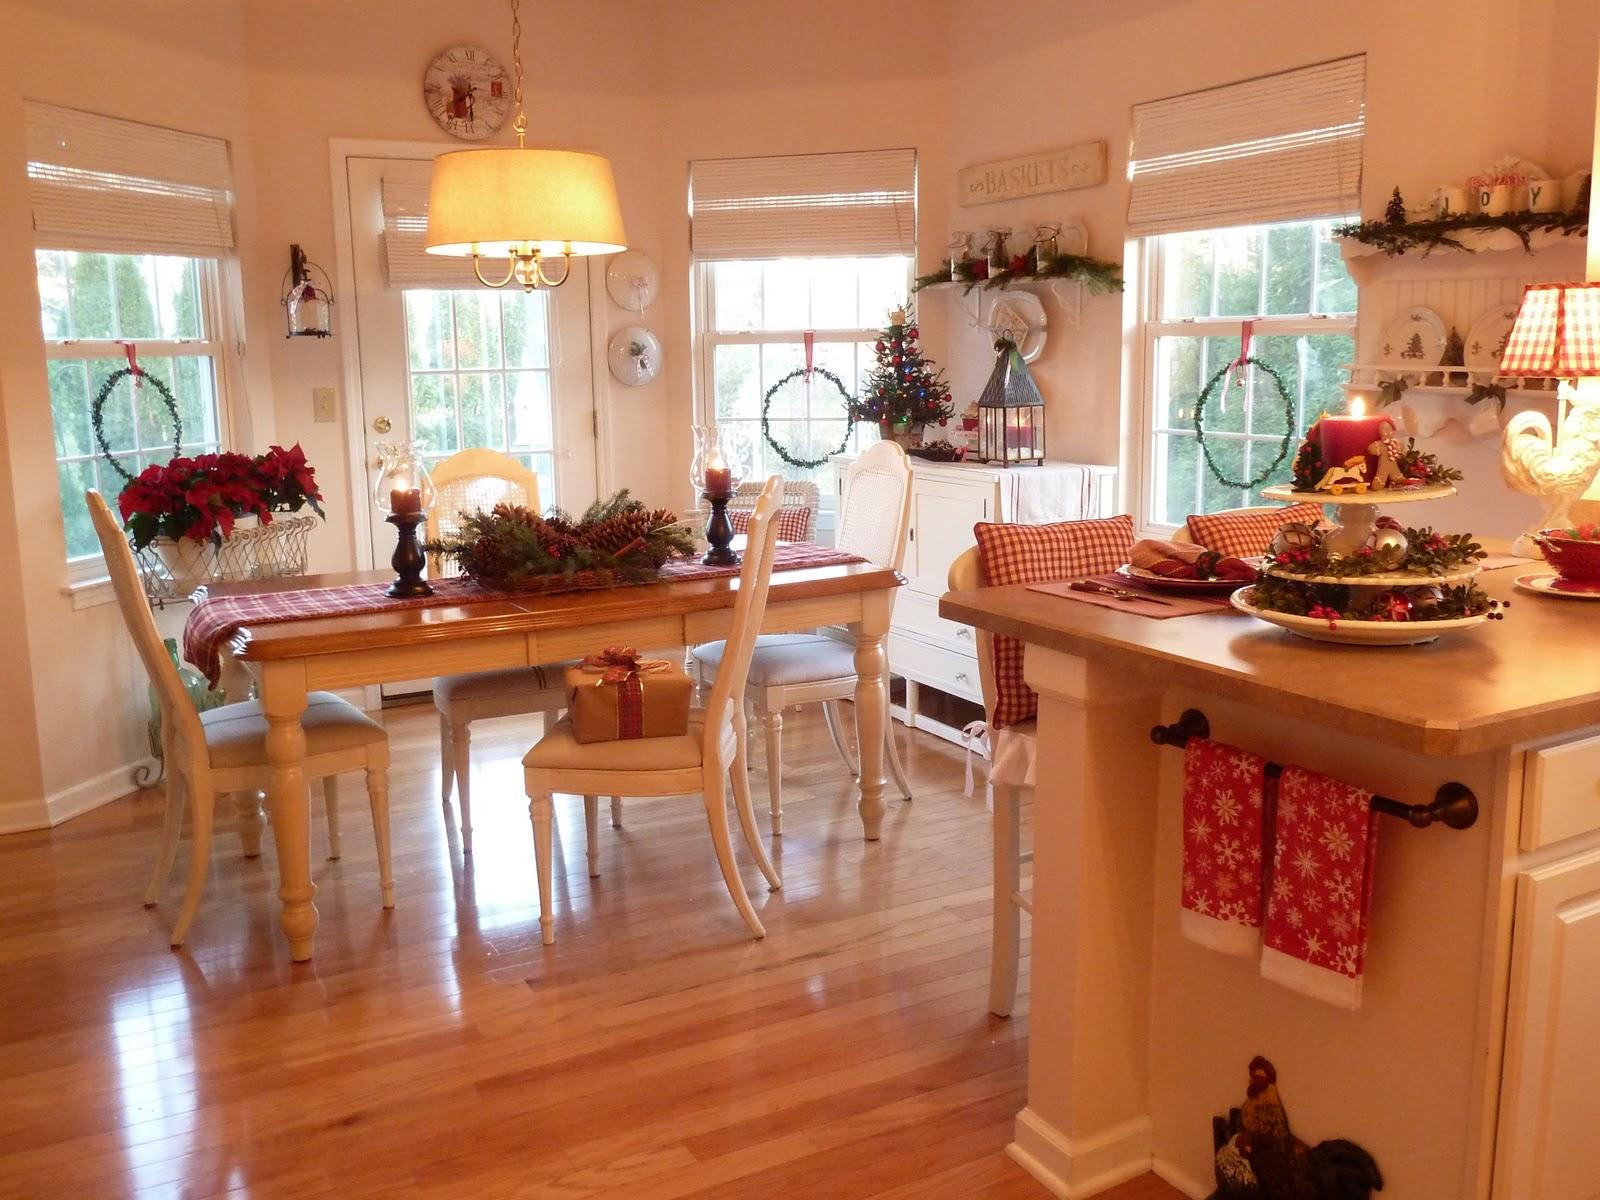 #A74B24 Ideias de Decoração Natalina para Cozinha e Sala de Jantar Design  1600x1200 píxeis em Decoracao De Natal Sala De Jantar